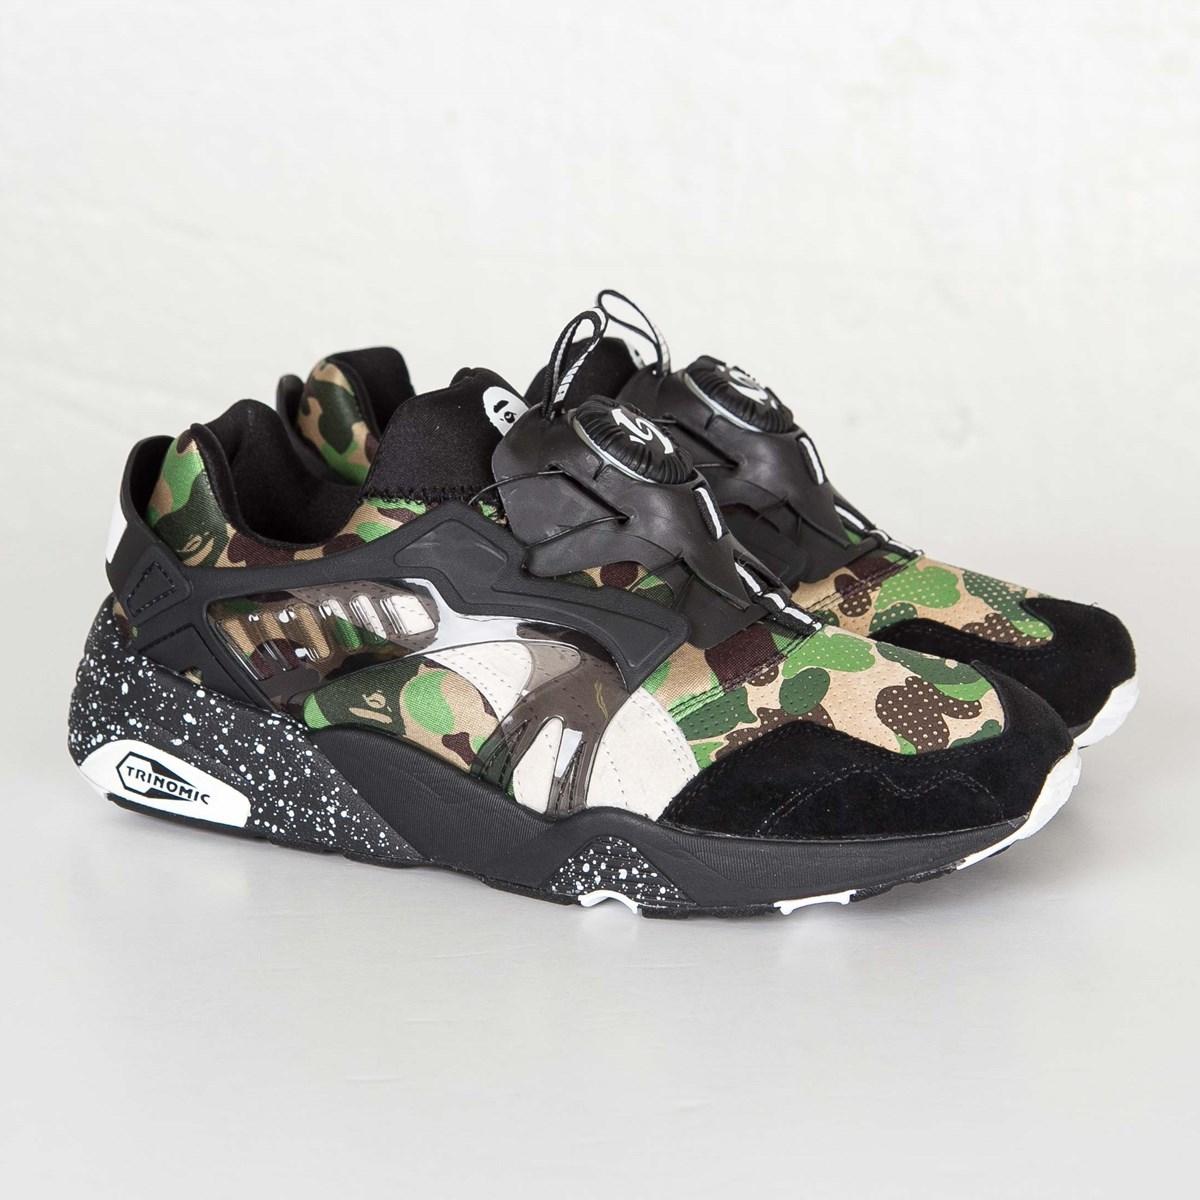 141de542db786 Puma Disc Blaze x Bape - 358846-01 - Sneakersnstuff | sneakers & streetwear  online since 1999